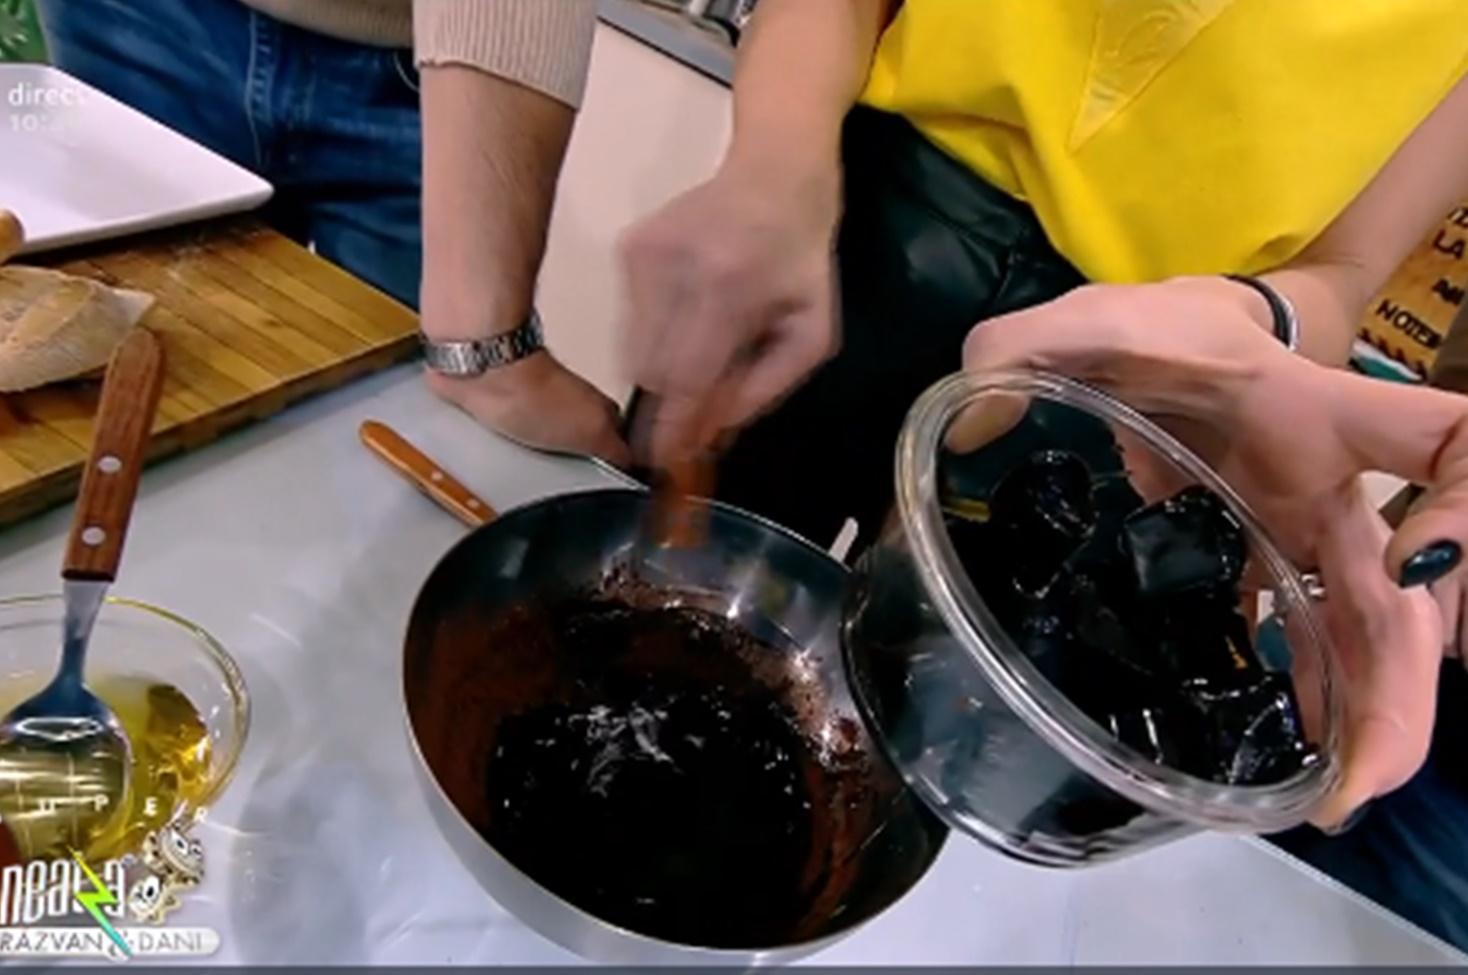 Rețetă de ciocolată care ajută la arderea grăsimilor, preparată de Anca Alungulesei la Neatza cu Răzvan și Dani